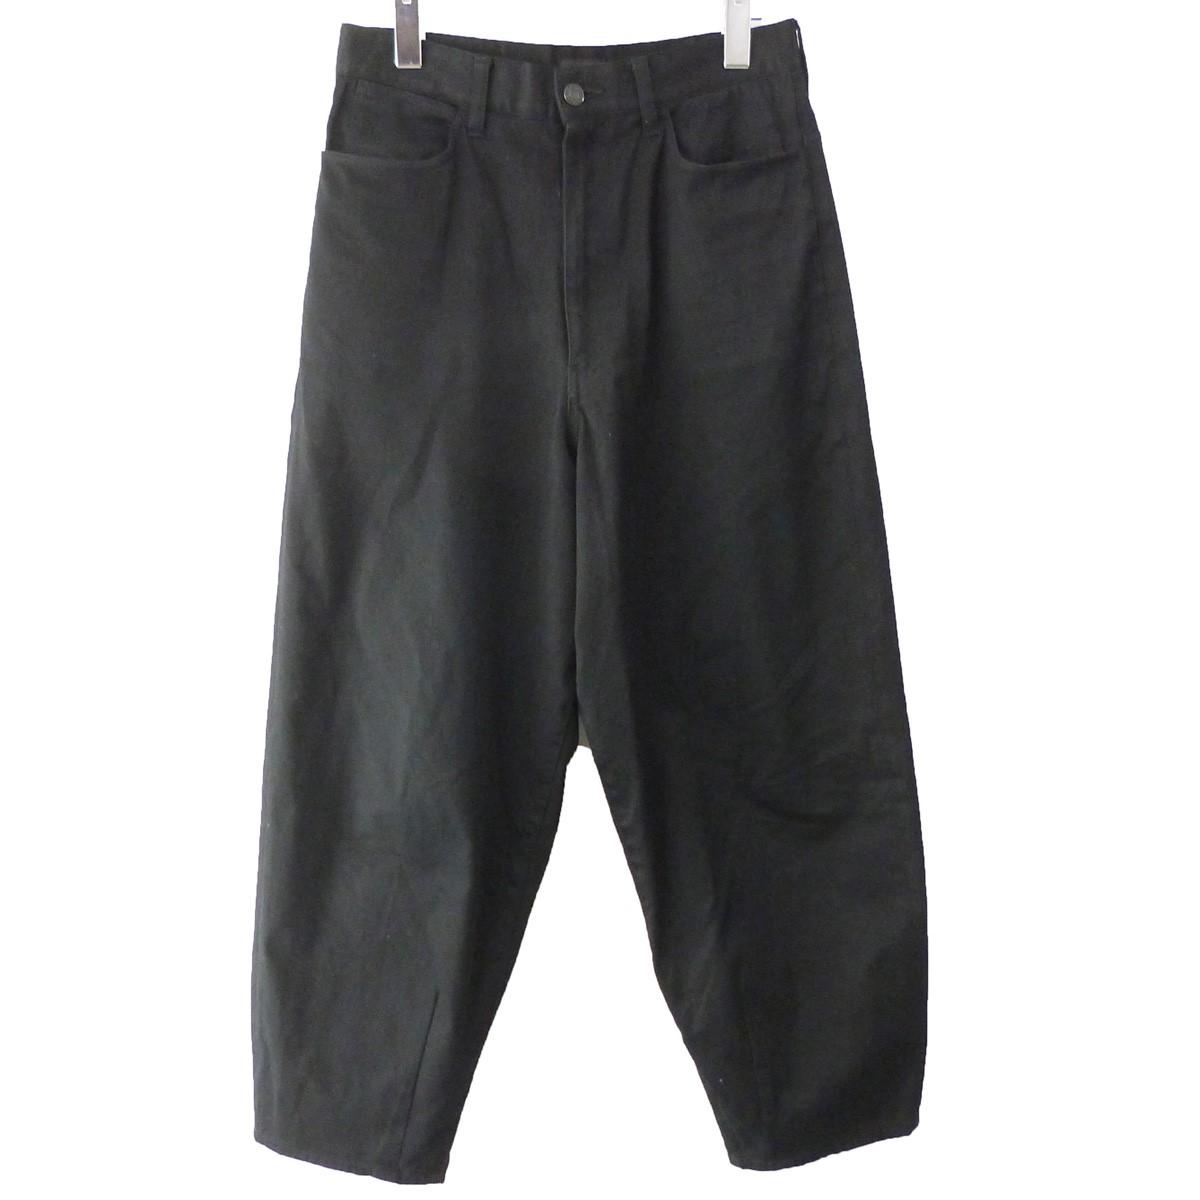 【中古】LAD MUSICIAN 19AW「Tapered Wide Pants」テーパードワイドパンツ ブラック サイズ:42 【130320】(ラッドミュージシャン)